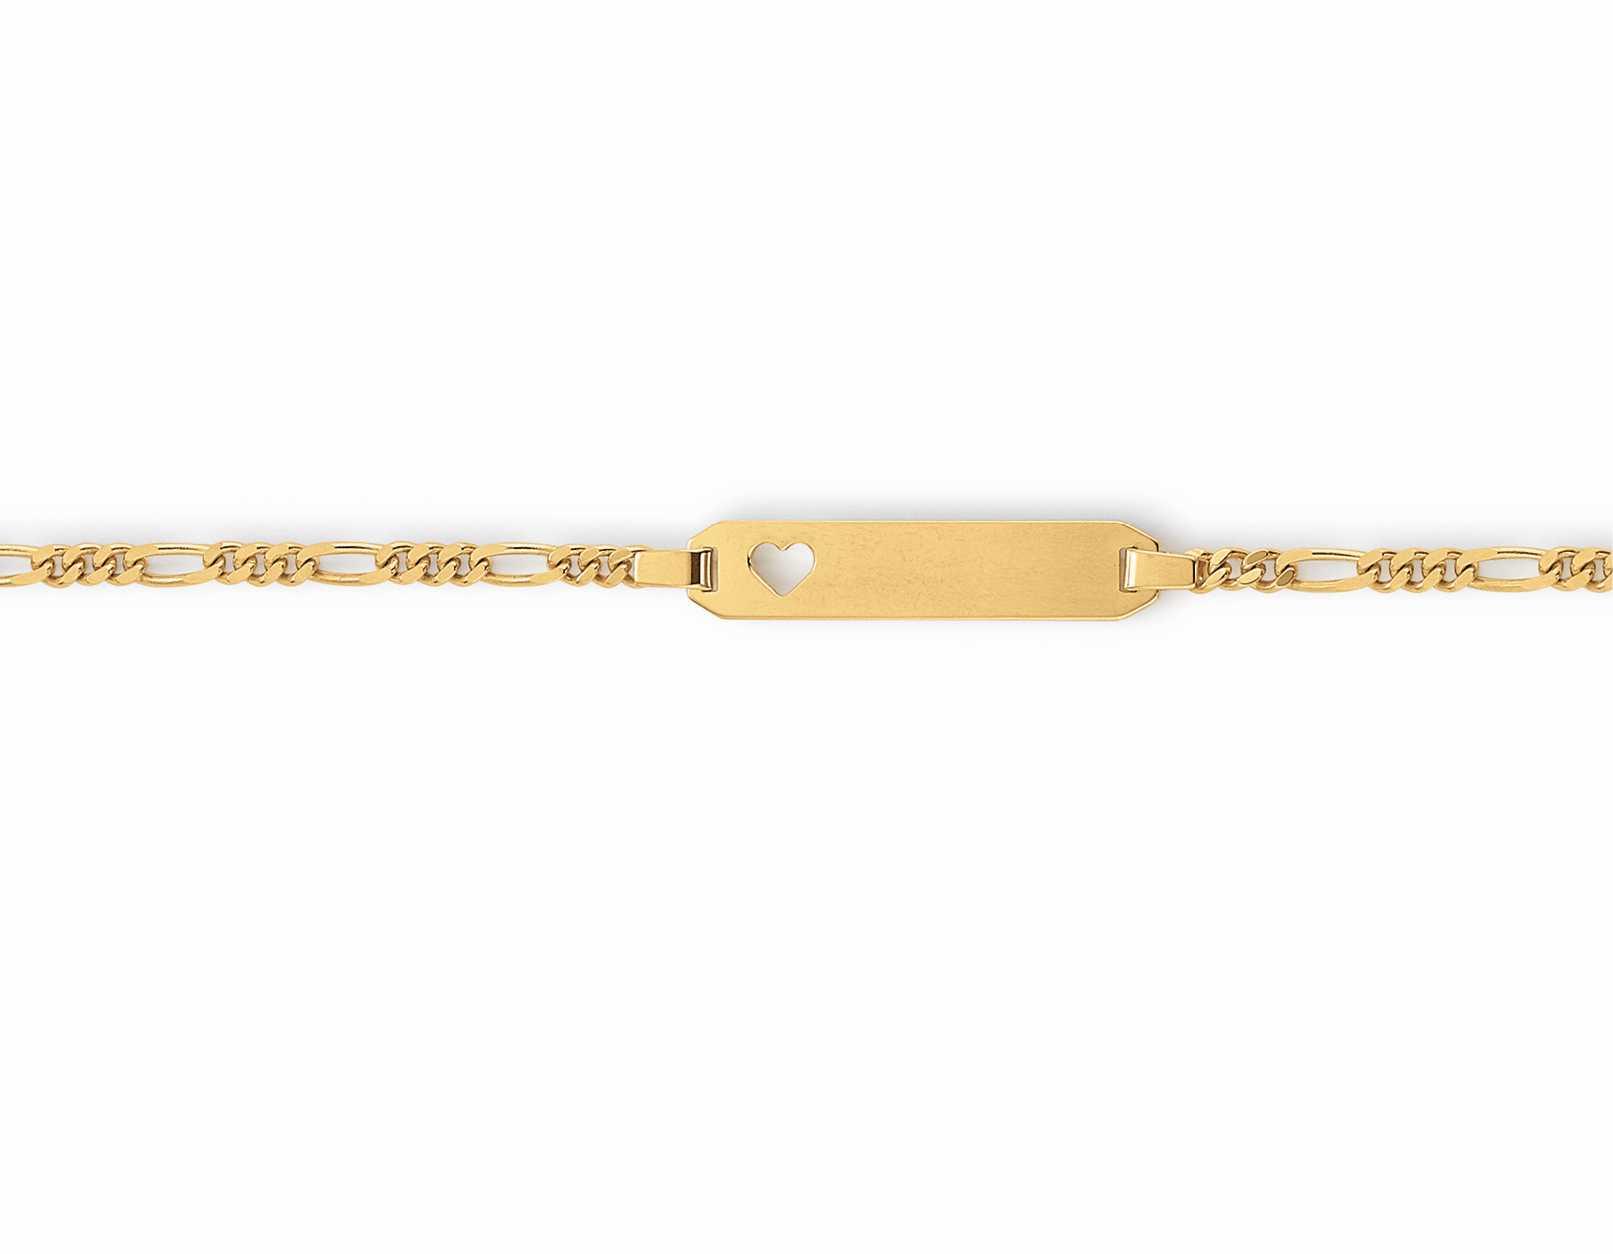 Identitätsband-1085-001